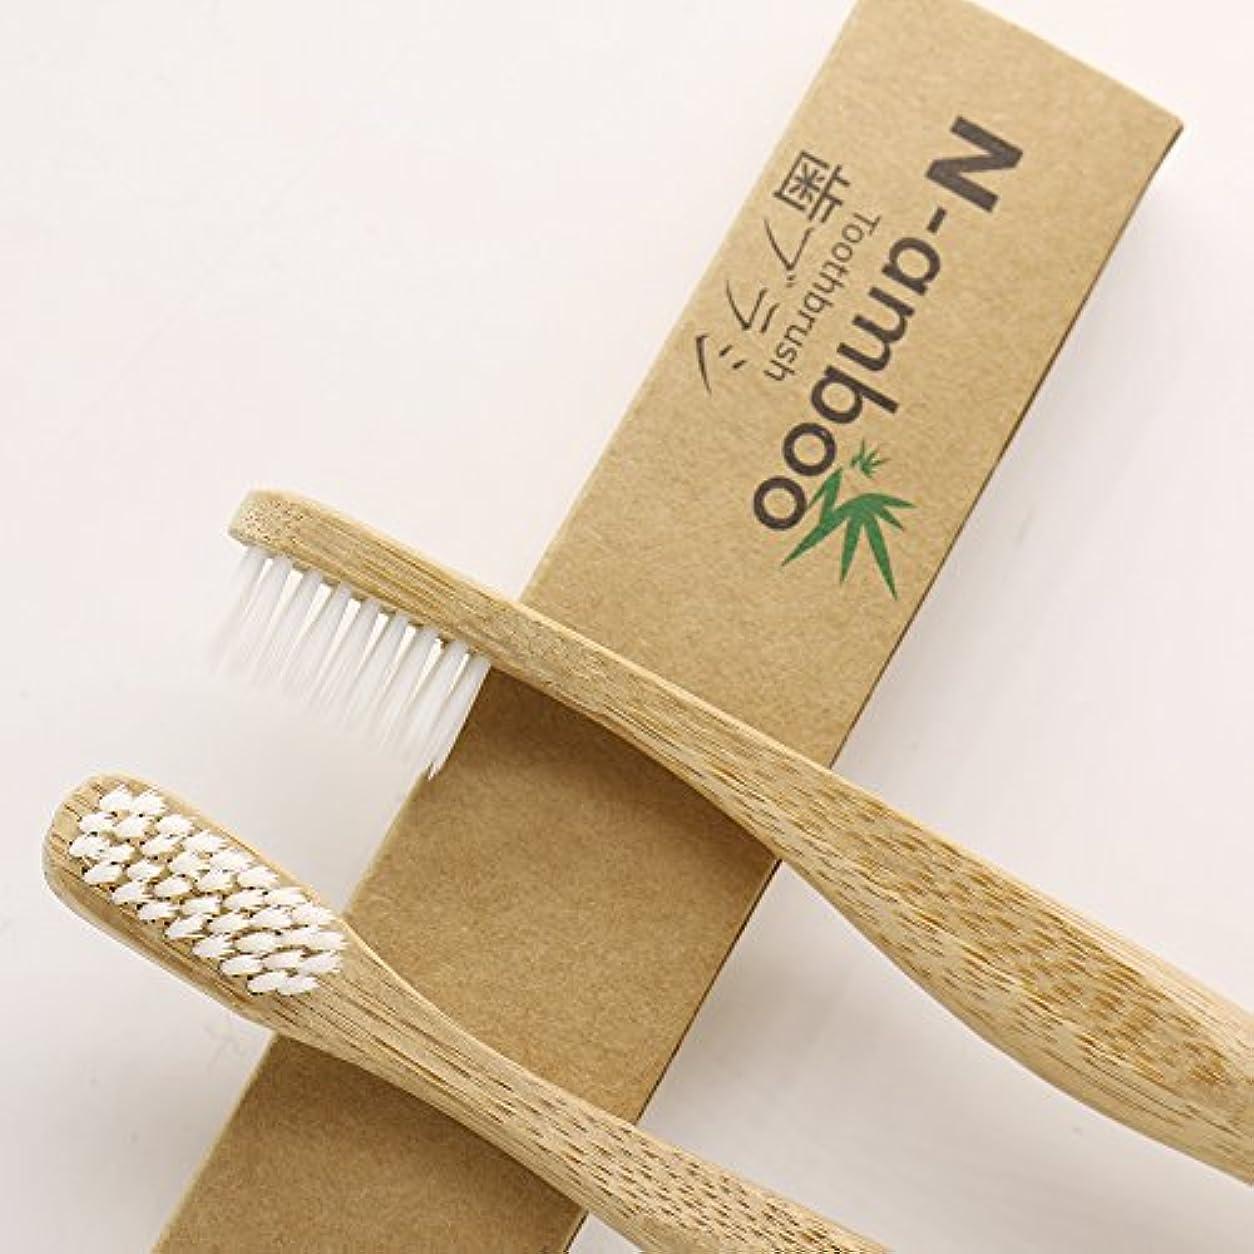 赤外線非アクティブ殺人N-amboo 竹製耐久度高い 歯ブラシ 2本入り セット ハンドル握りやすい 白い